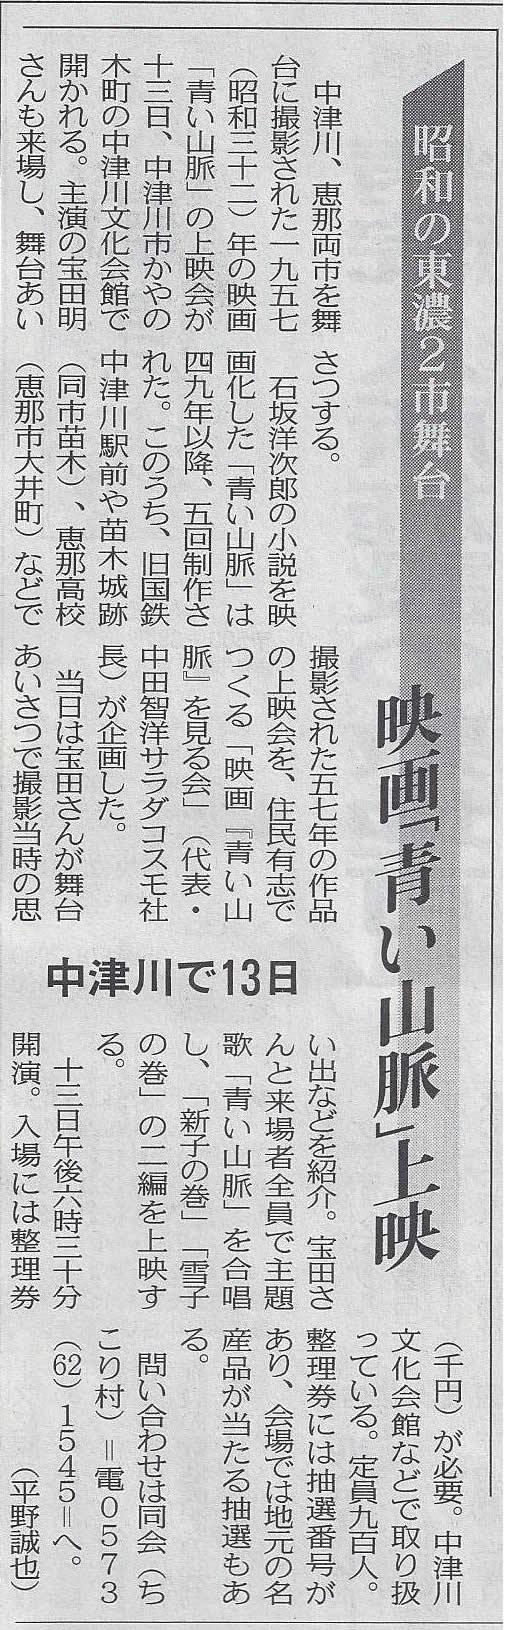 中日新聞に映画『青い山脈』上映_d0063218_14512858.jpg